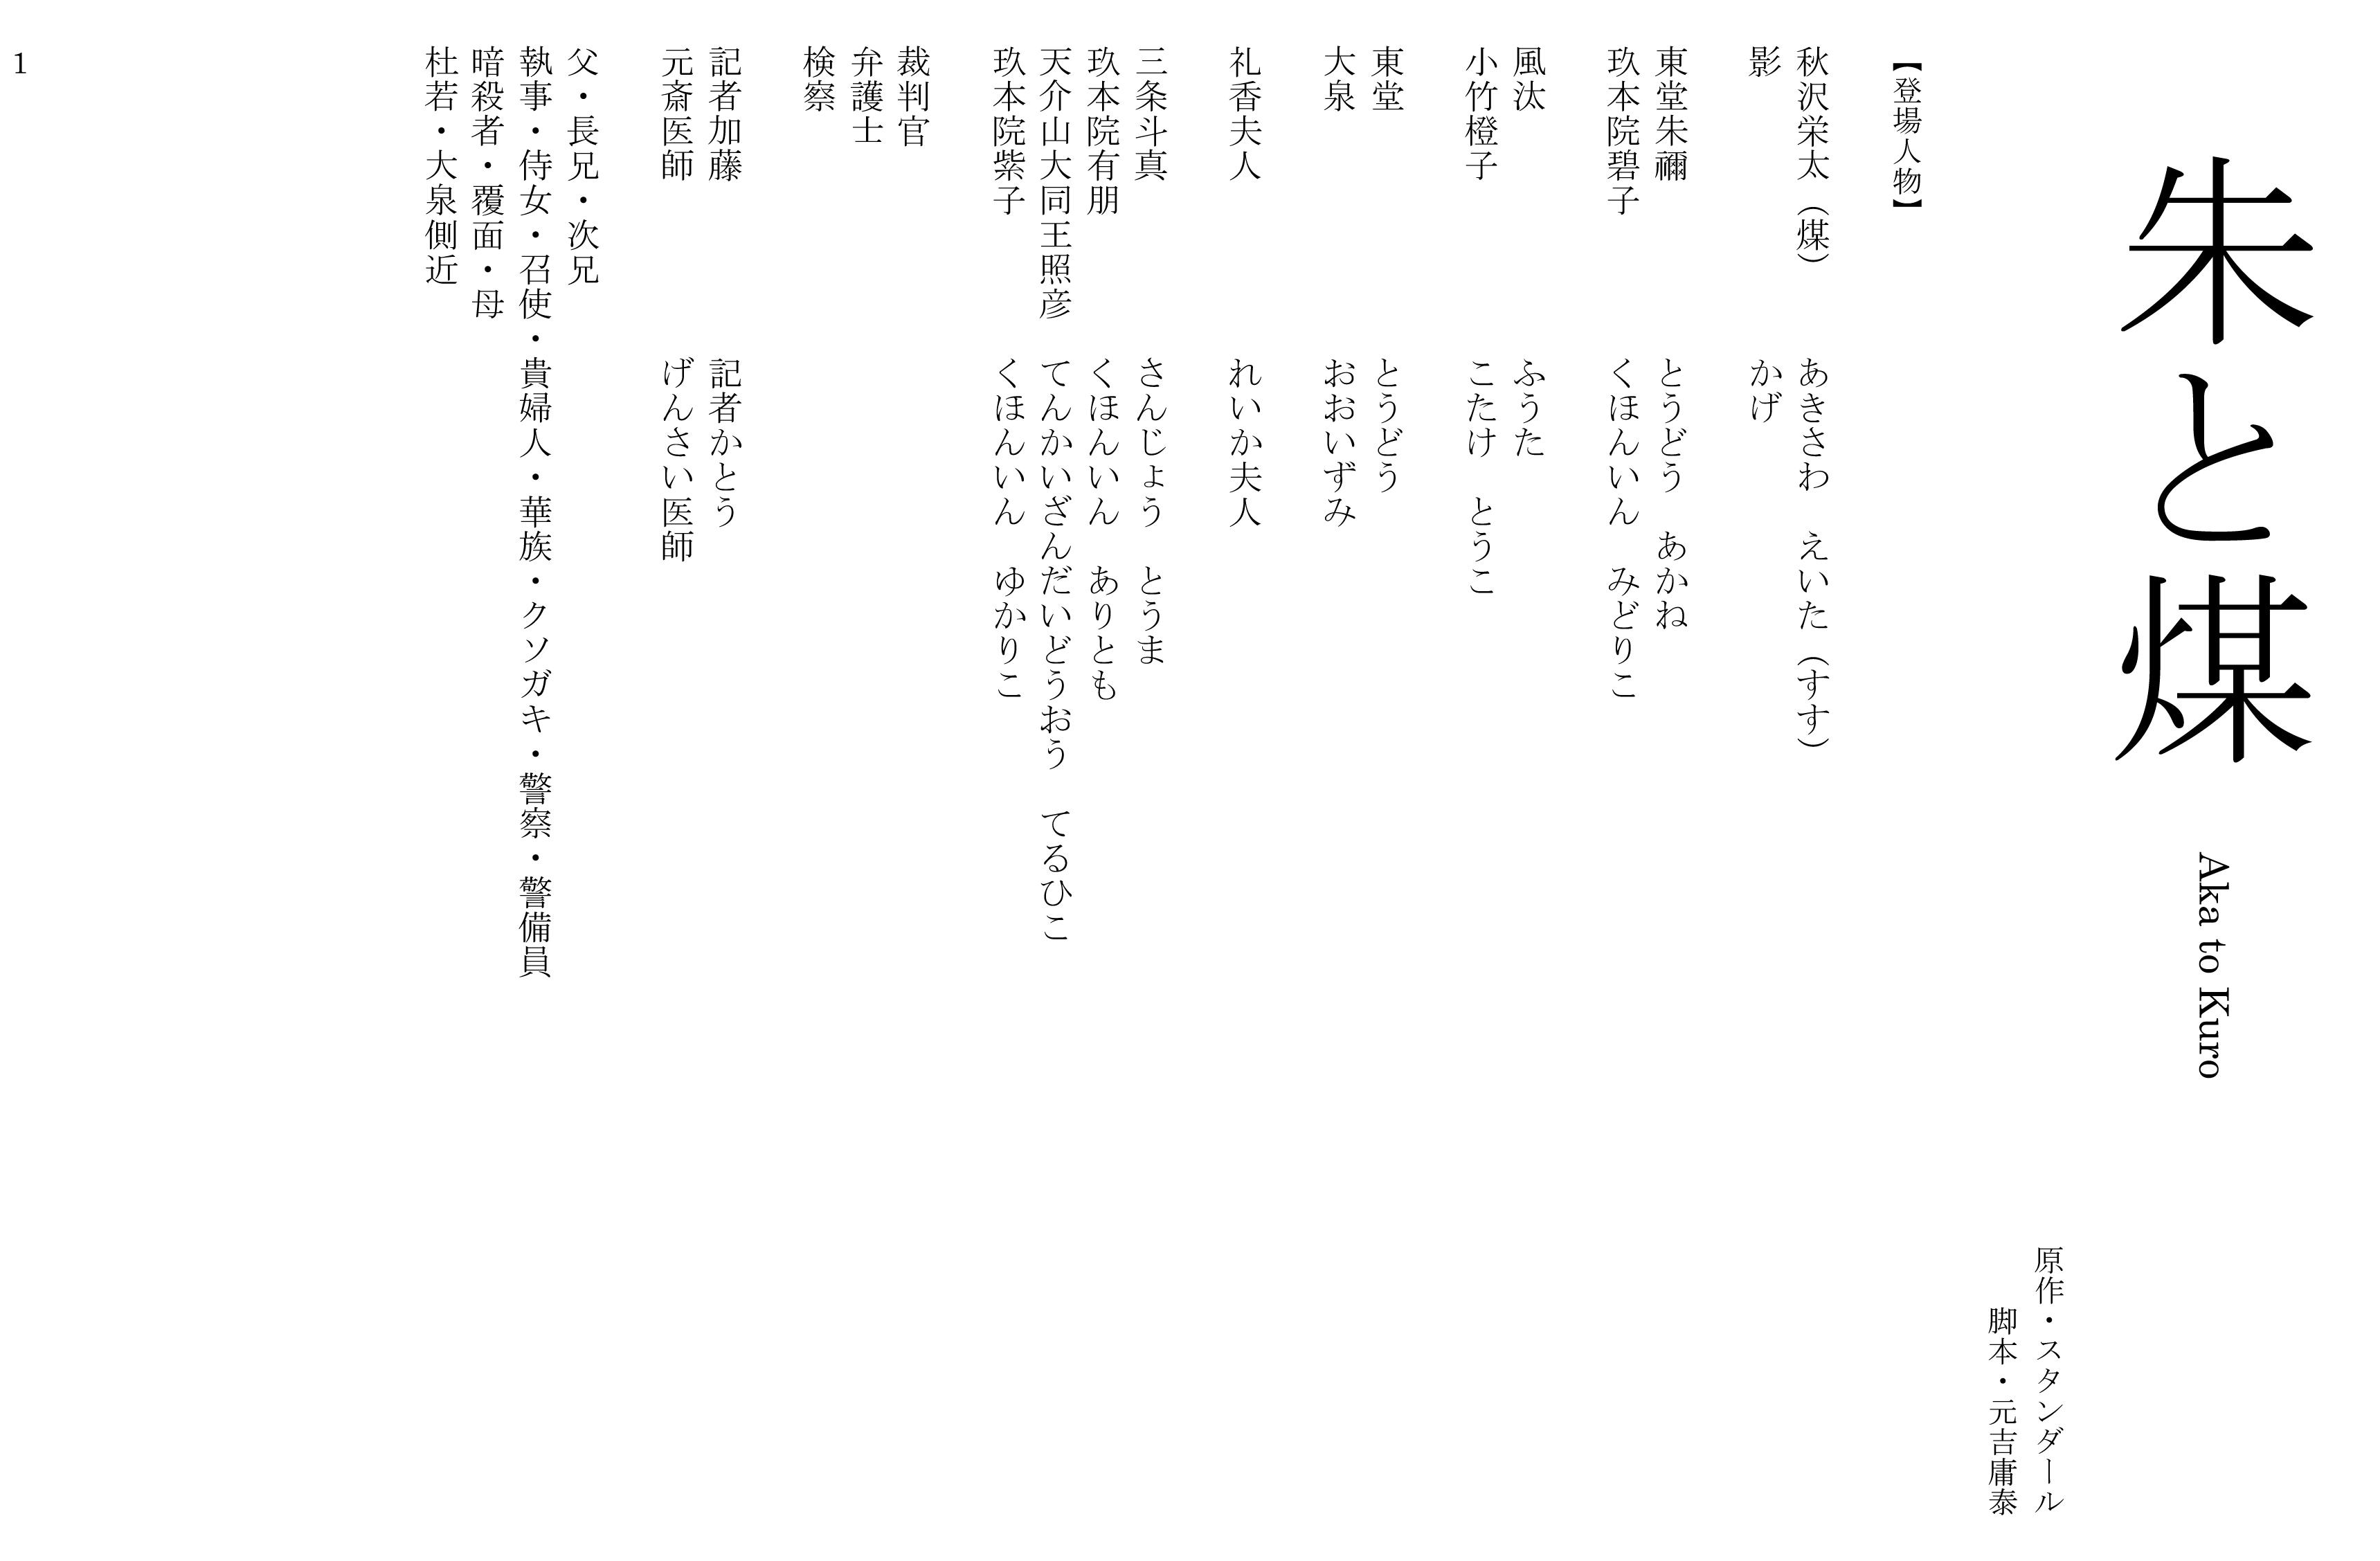 「台本」の検索結果 - Yahoo!検索(画像)